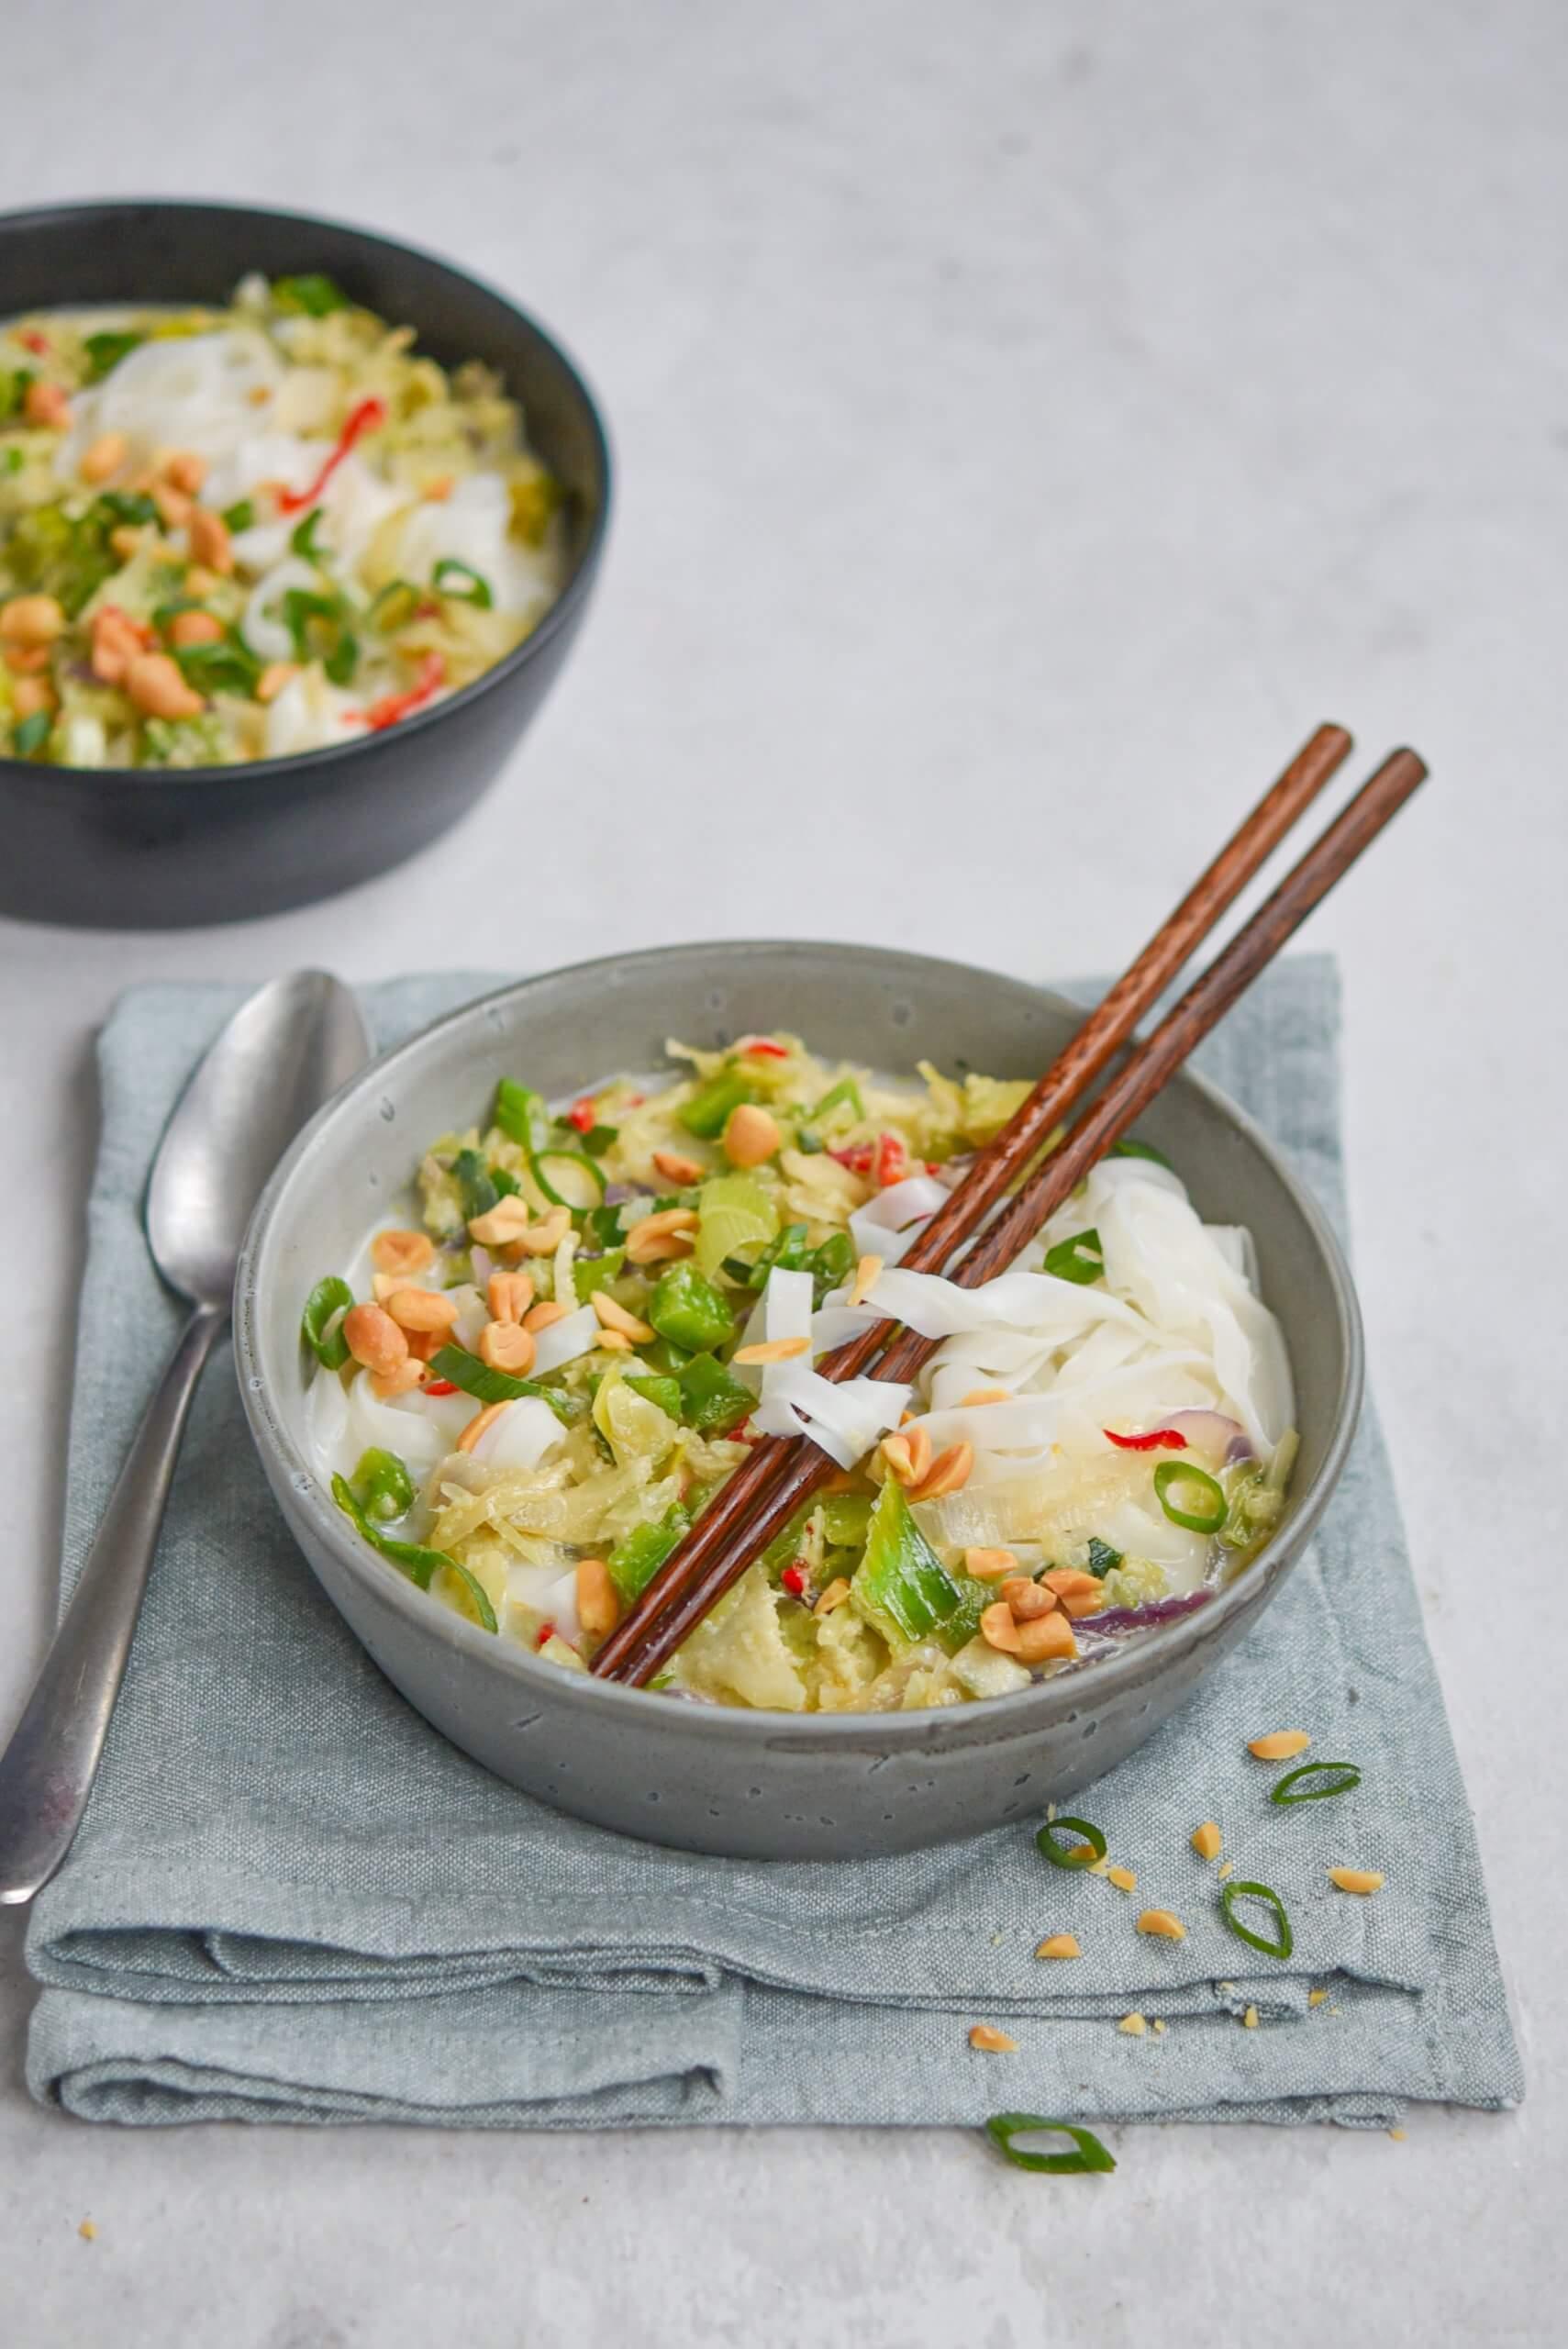 Noedelsoep met Thaise wokgroente en geroosterde pinda's - staand